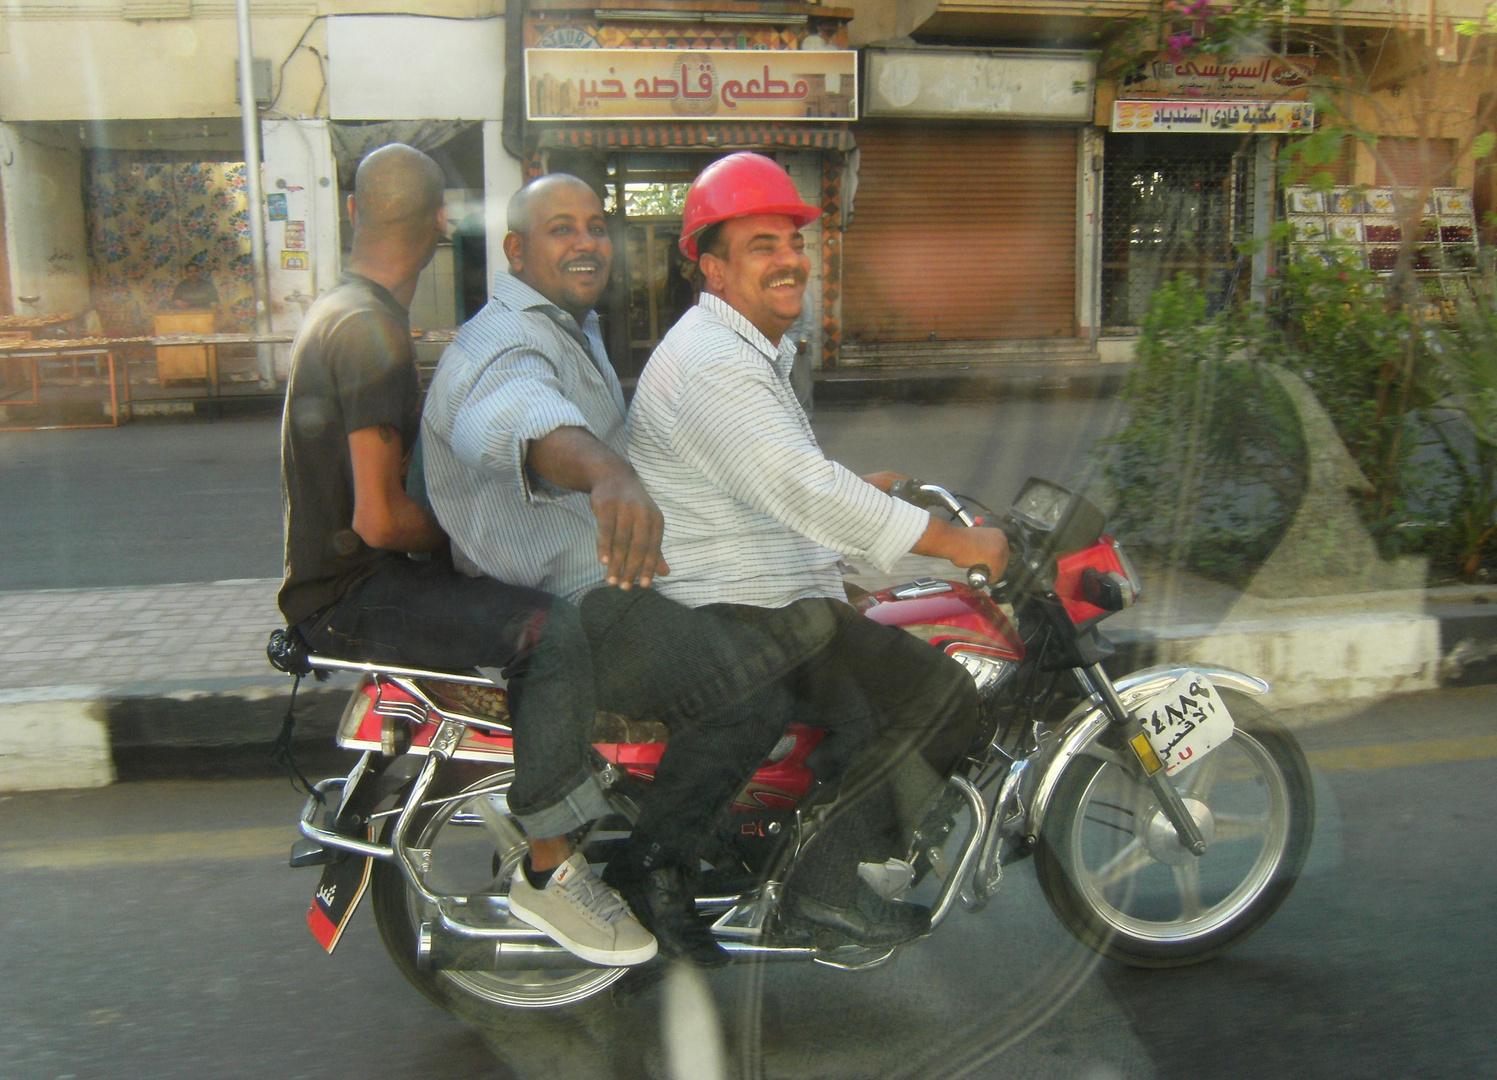 Ägypten - Luxor - Shiny Happy People